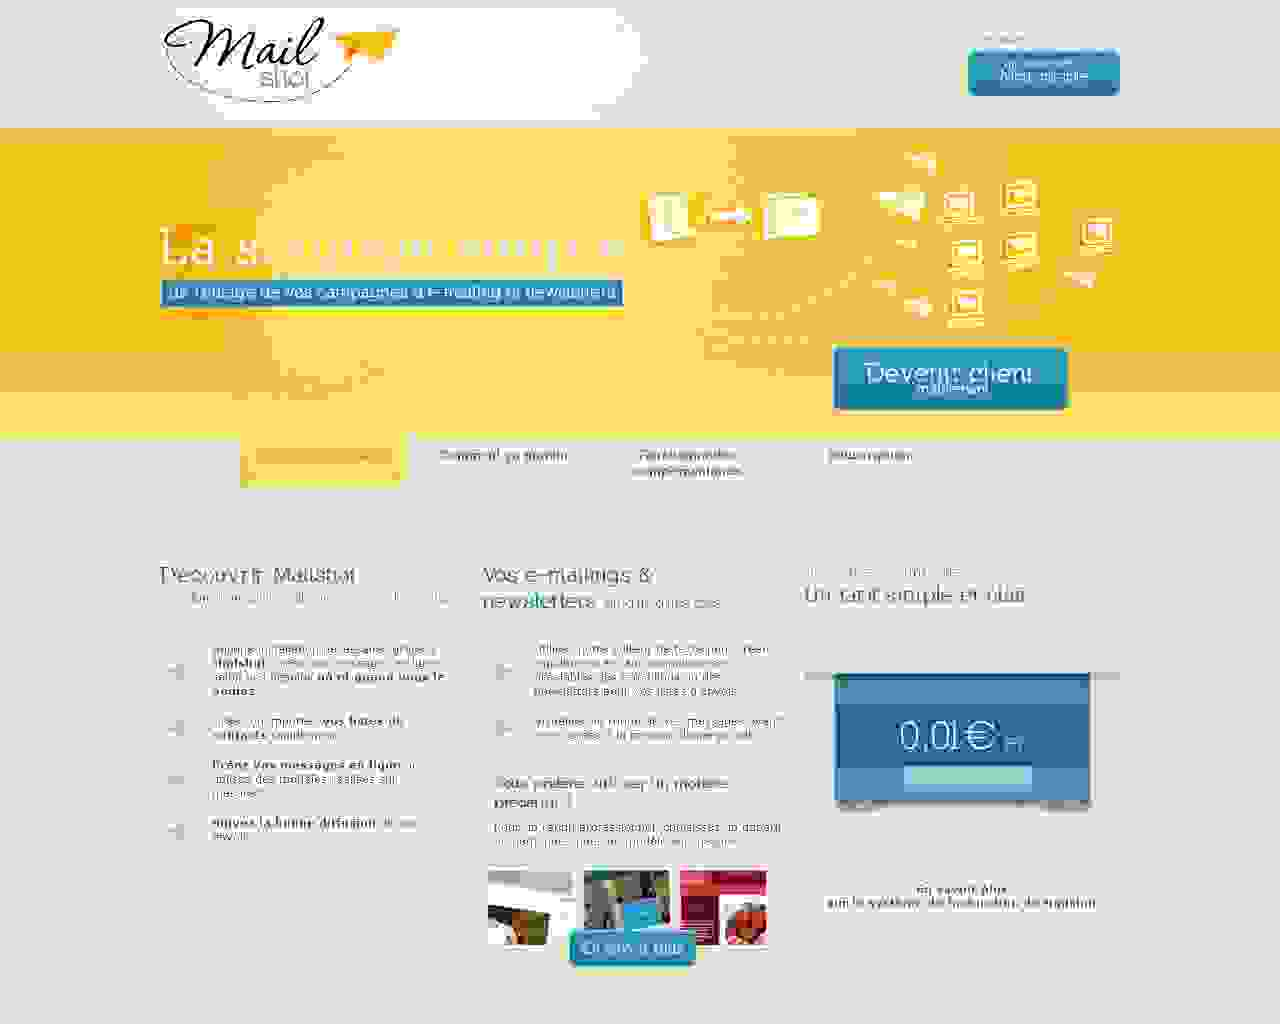 Mailshot un site Dreamclic